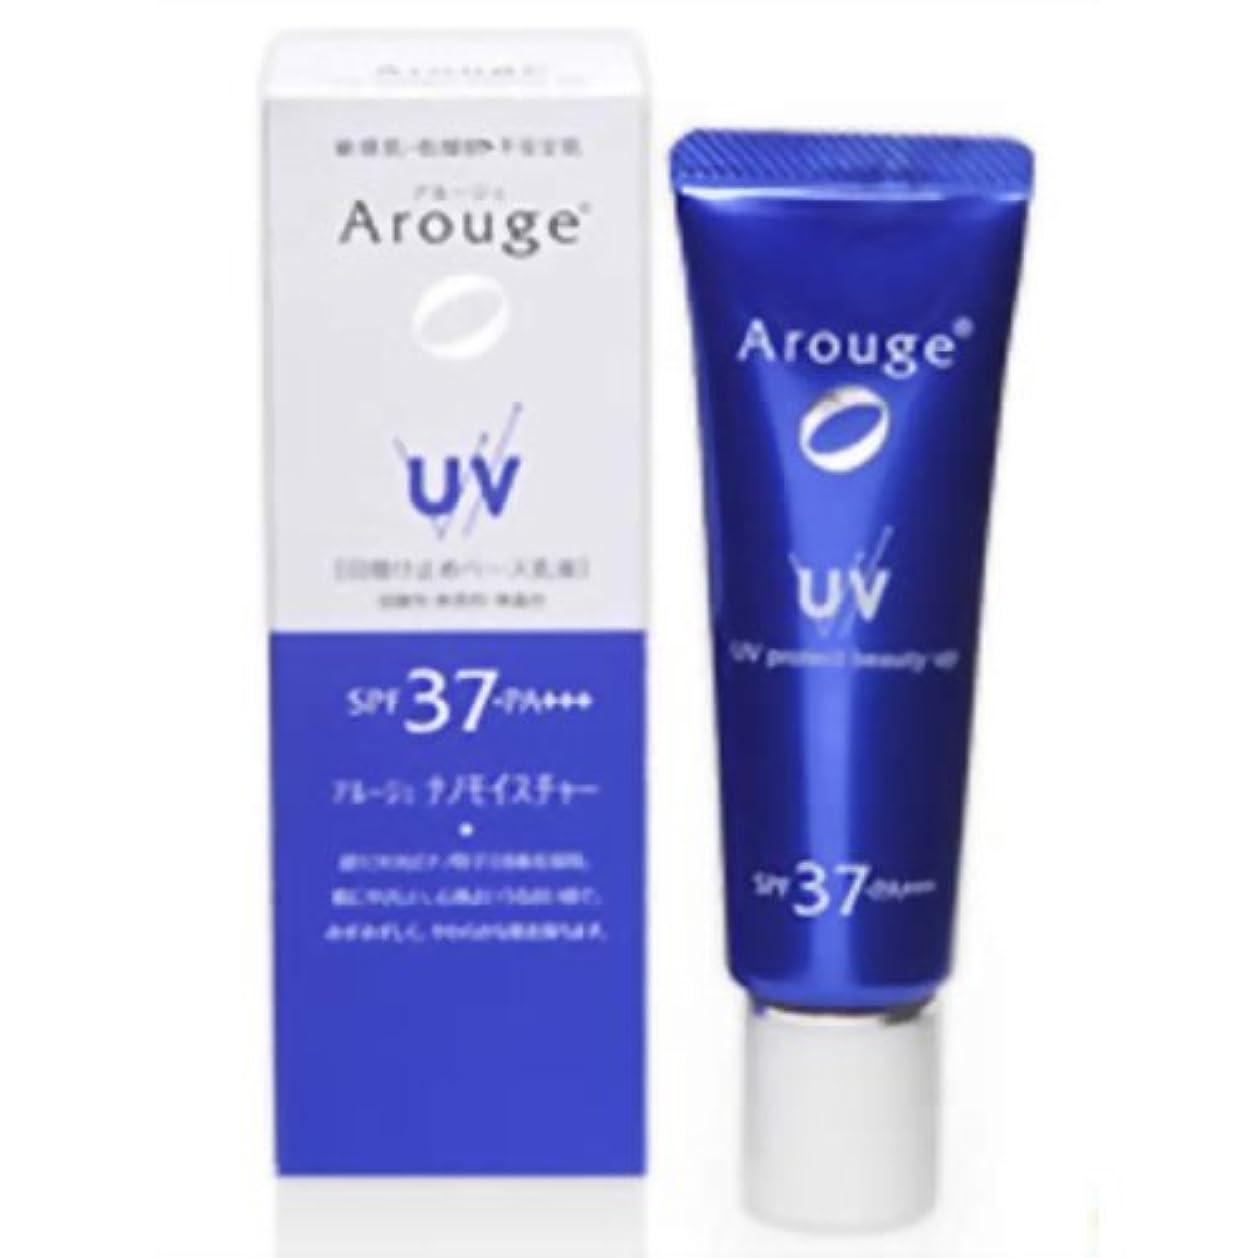 誠意買う人質アルージェ UVプロテクトビューティーアップ 25g